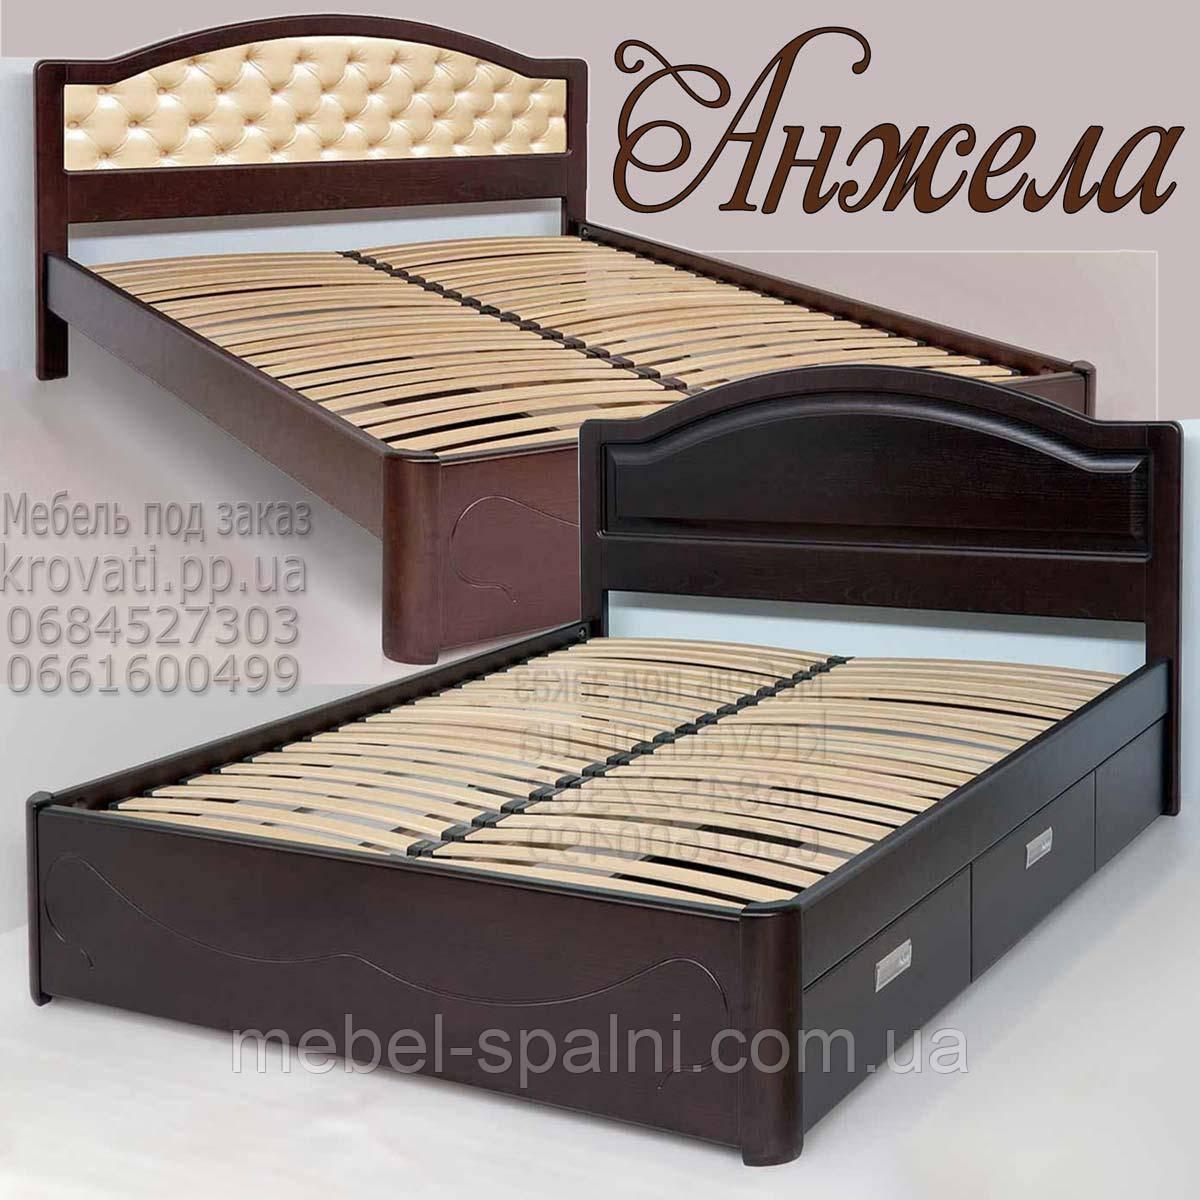 Кровать деревянная «Анжела»